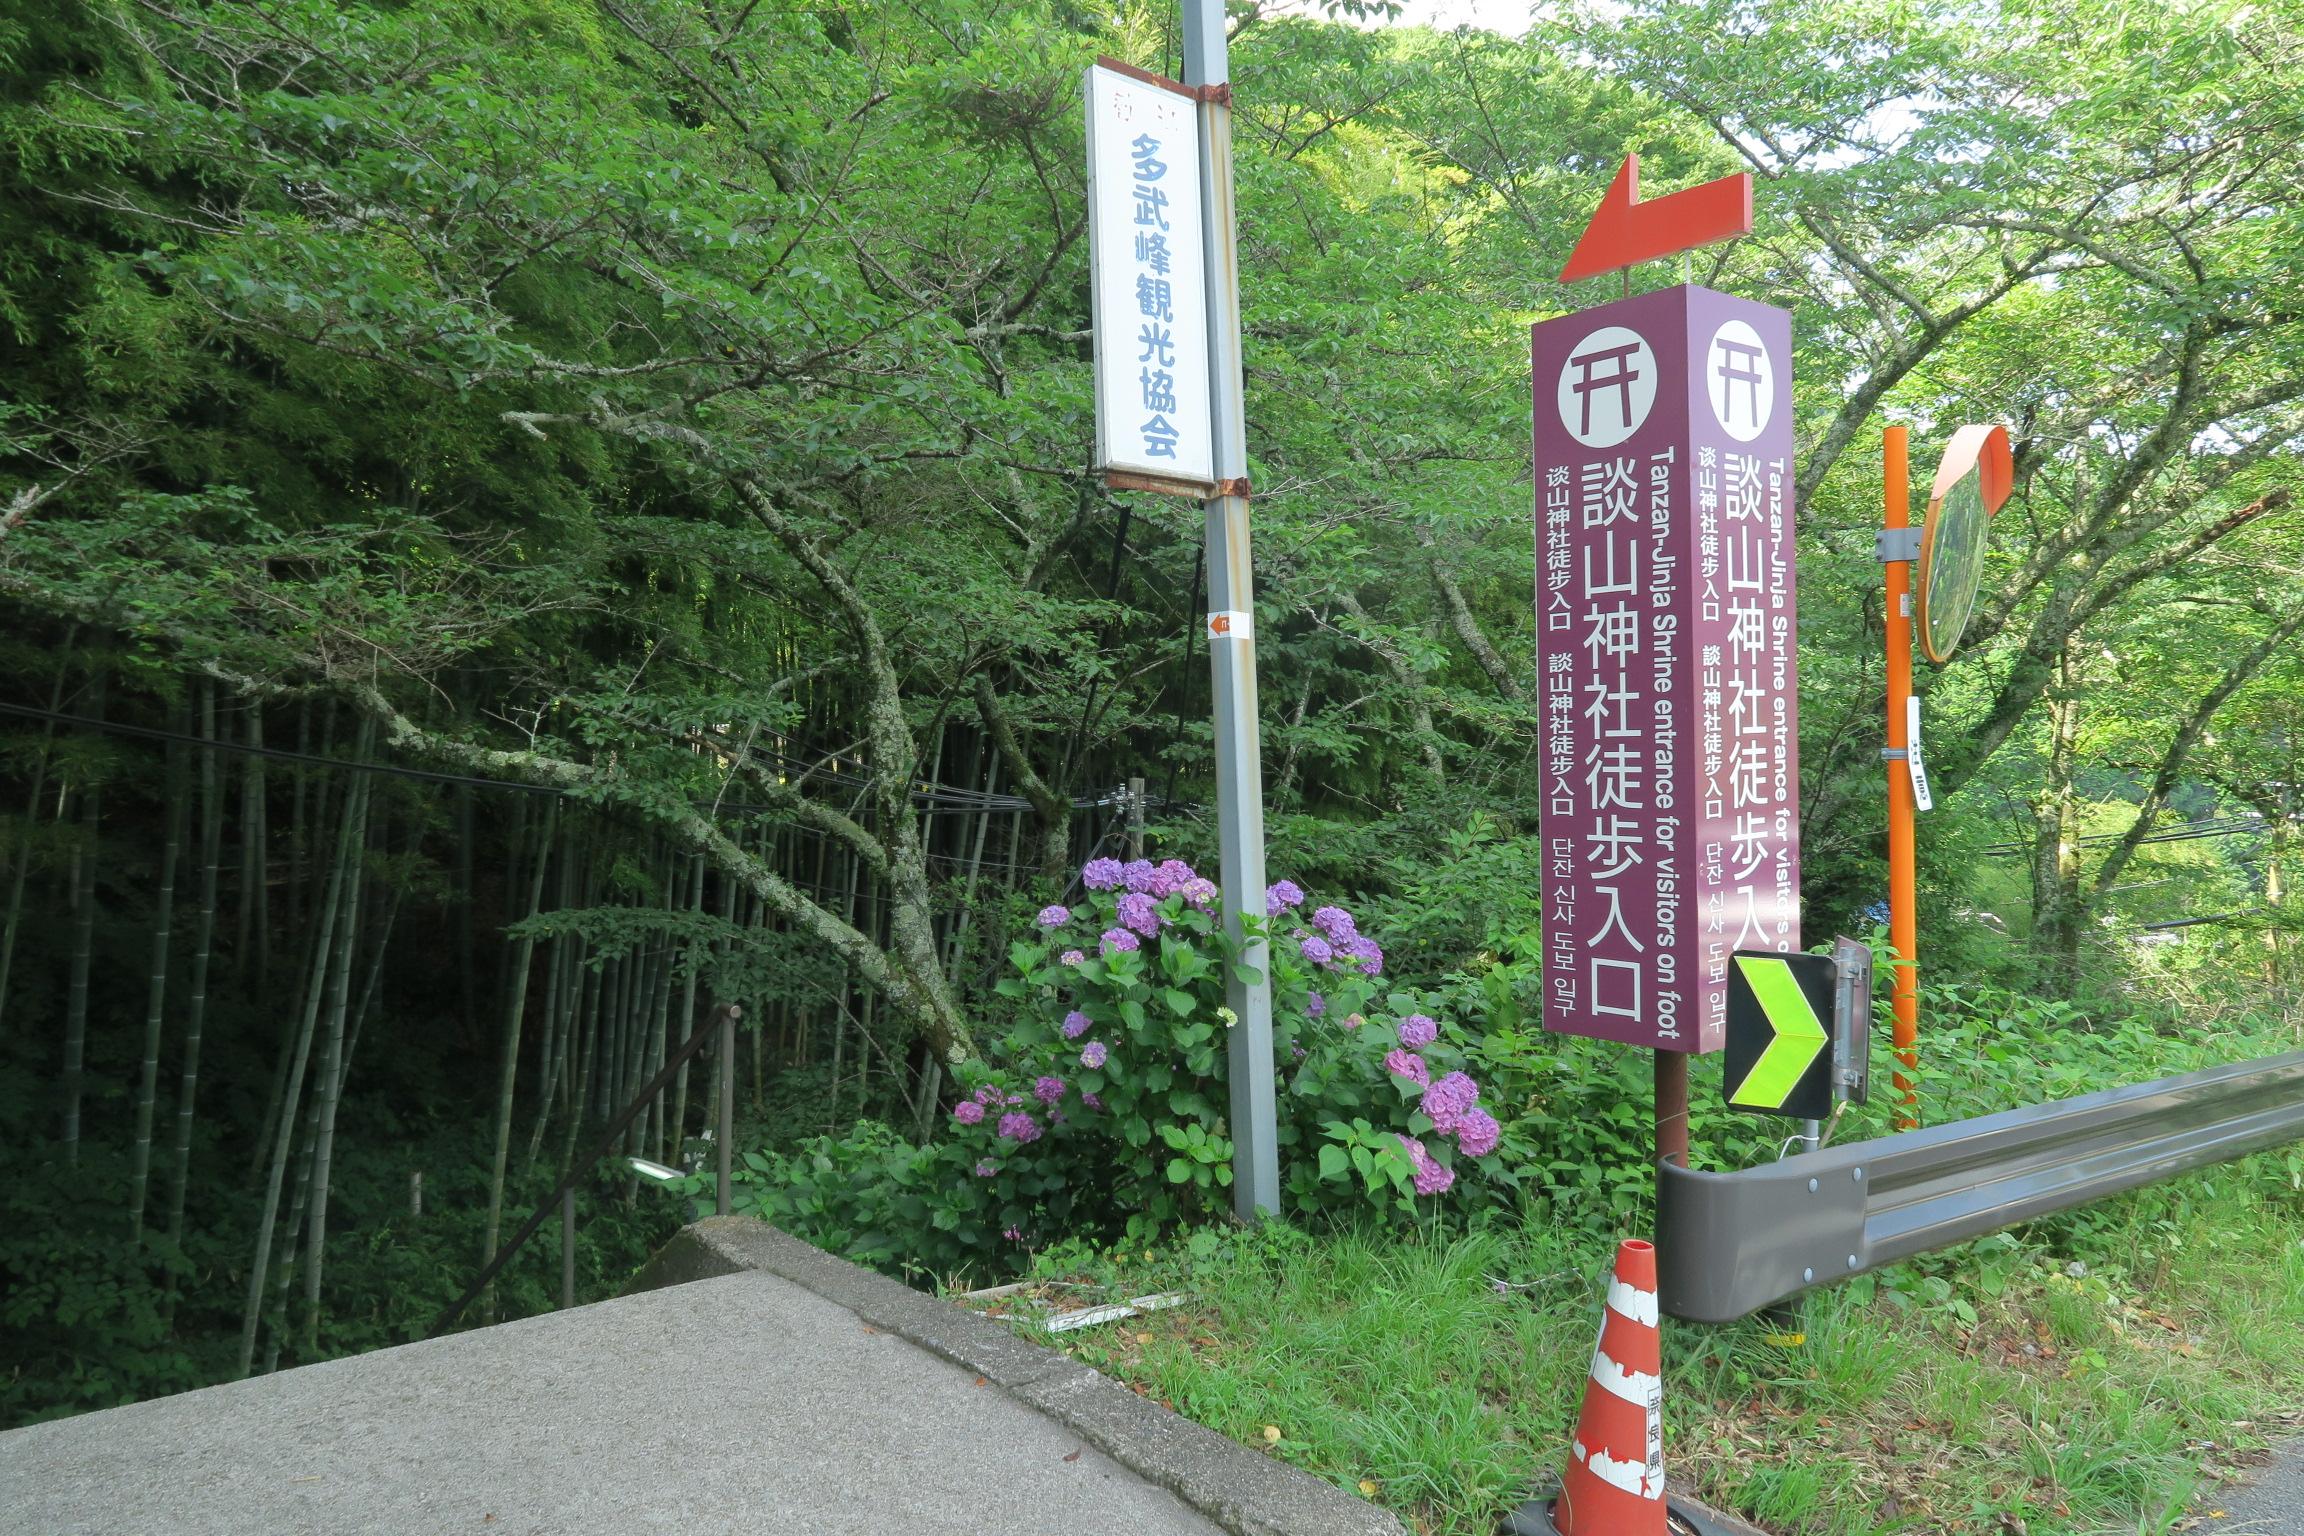 「談山神社徒歩入口」と大きな案内版が出ています。